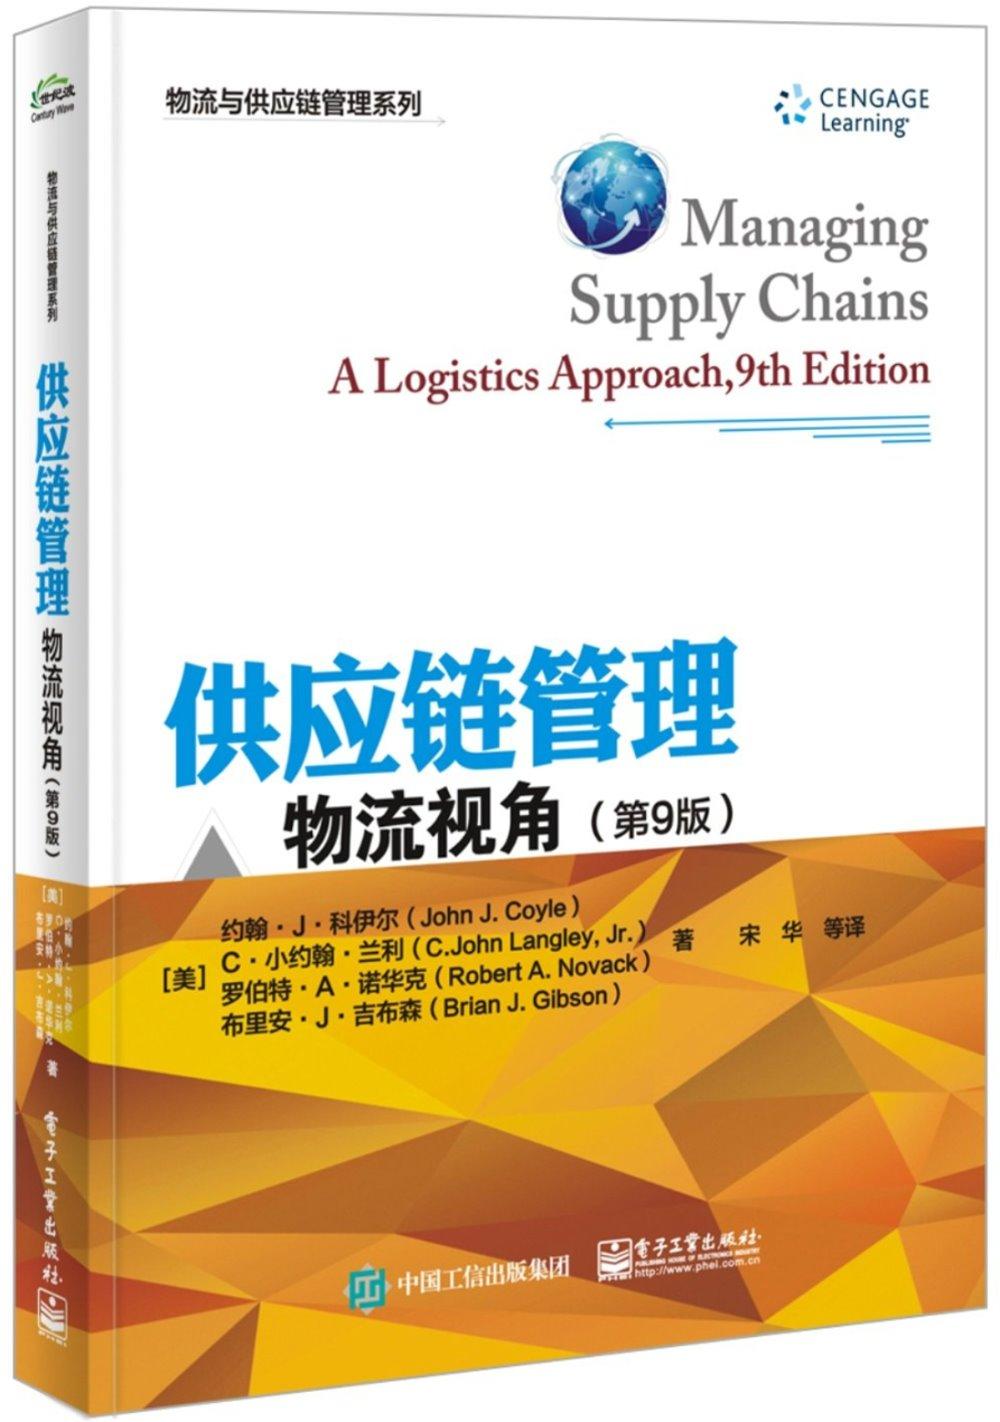 供應鏈管理:物流視角(第9版)